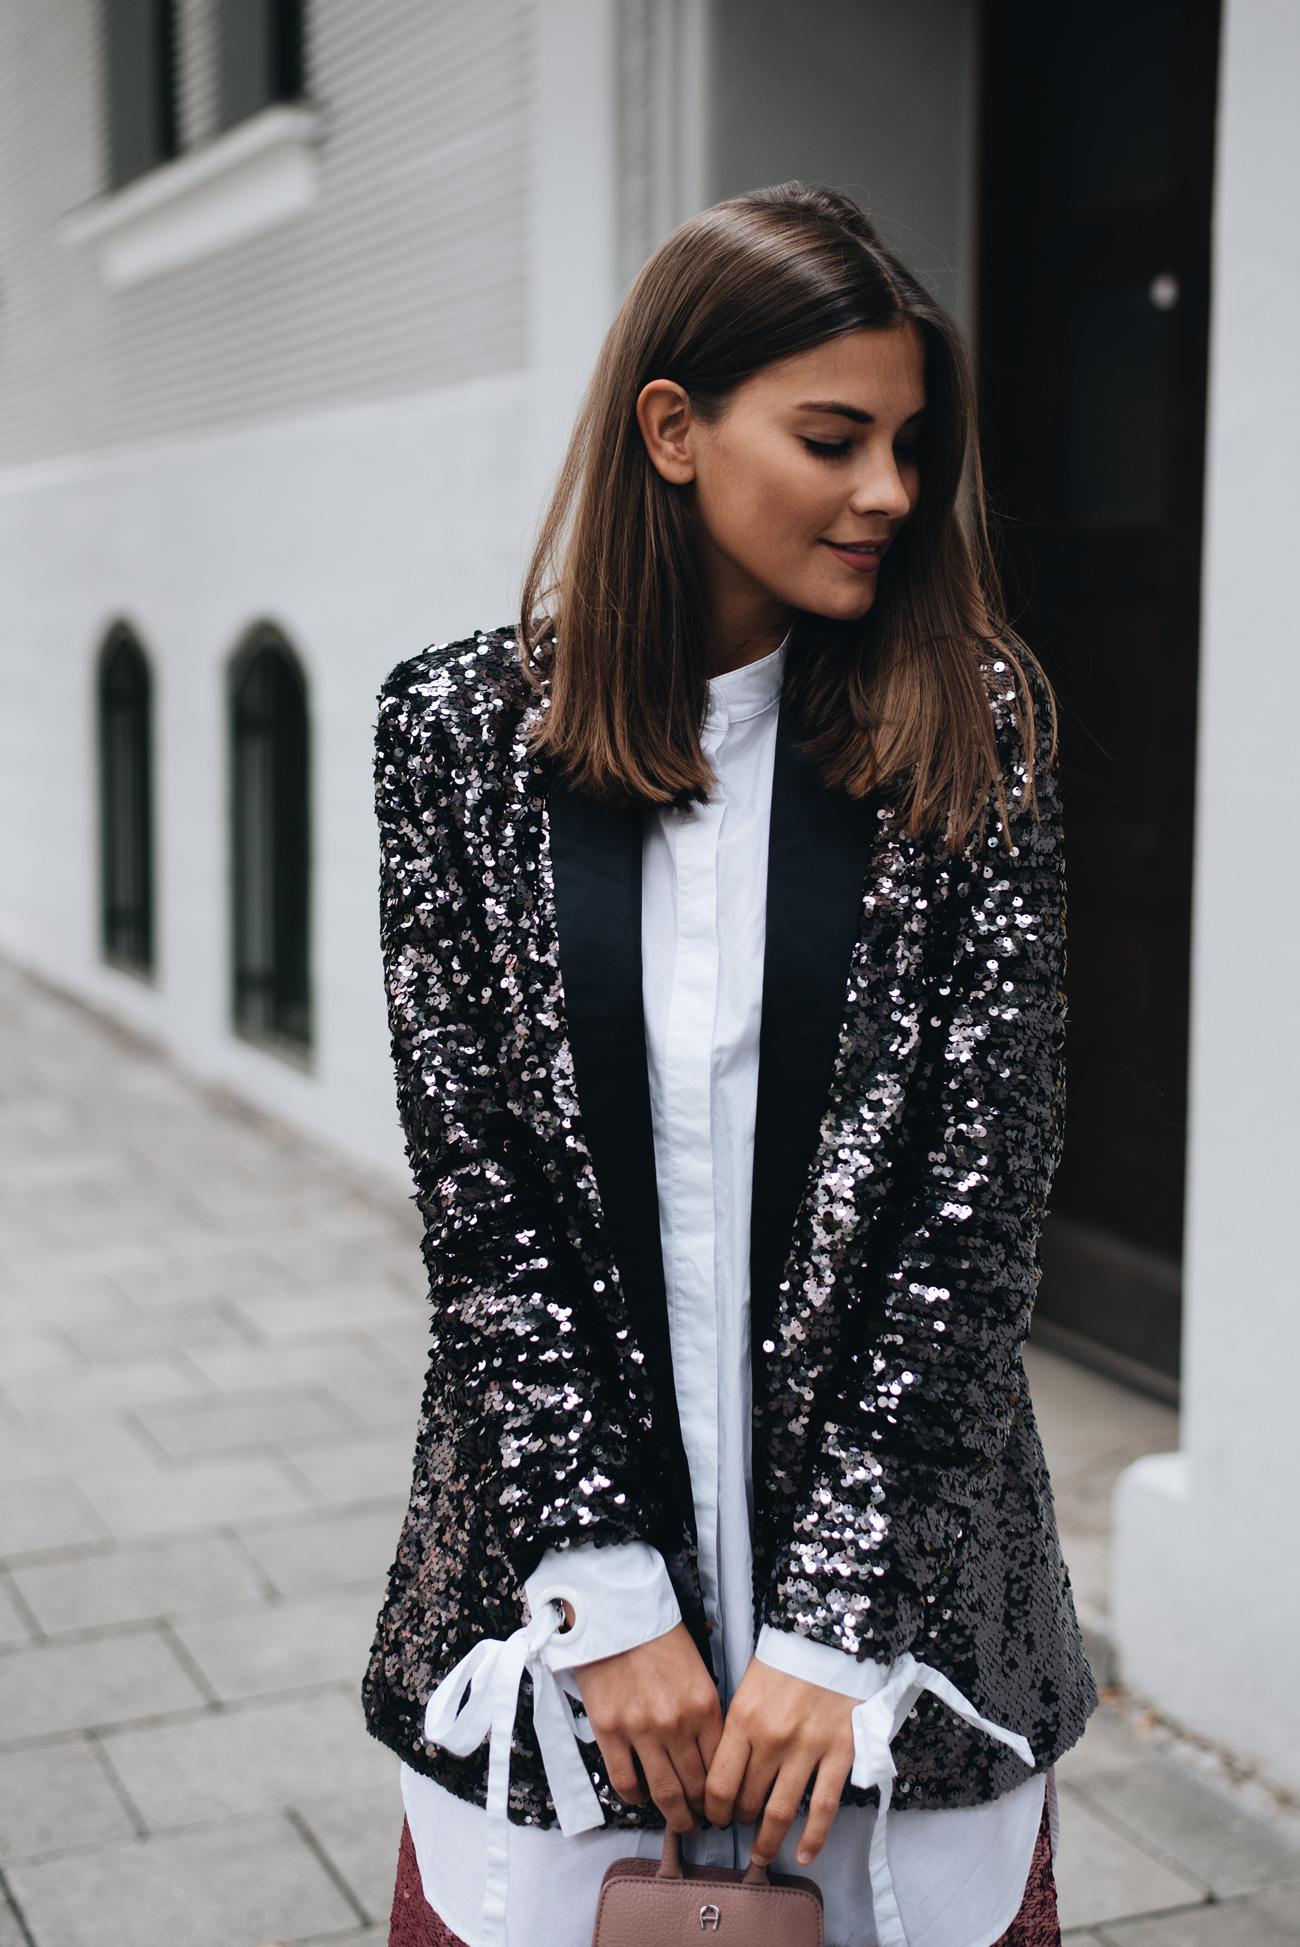 schwarzer-blazer-mit-pailletten-mini-macro-tasche-aigner-nina-schwichtenberg-fashiioncarpet